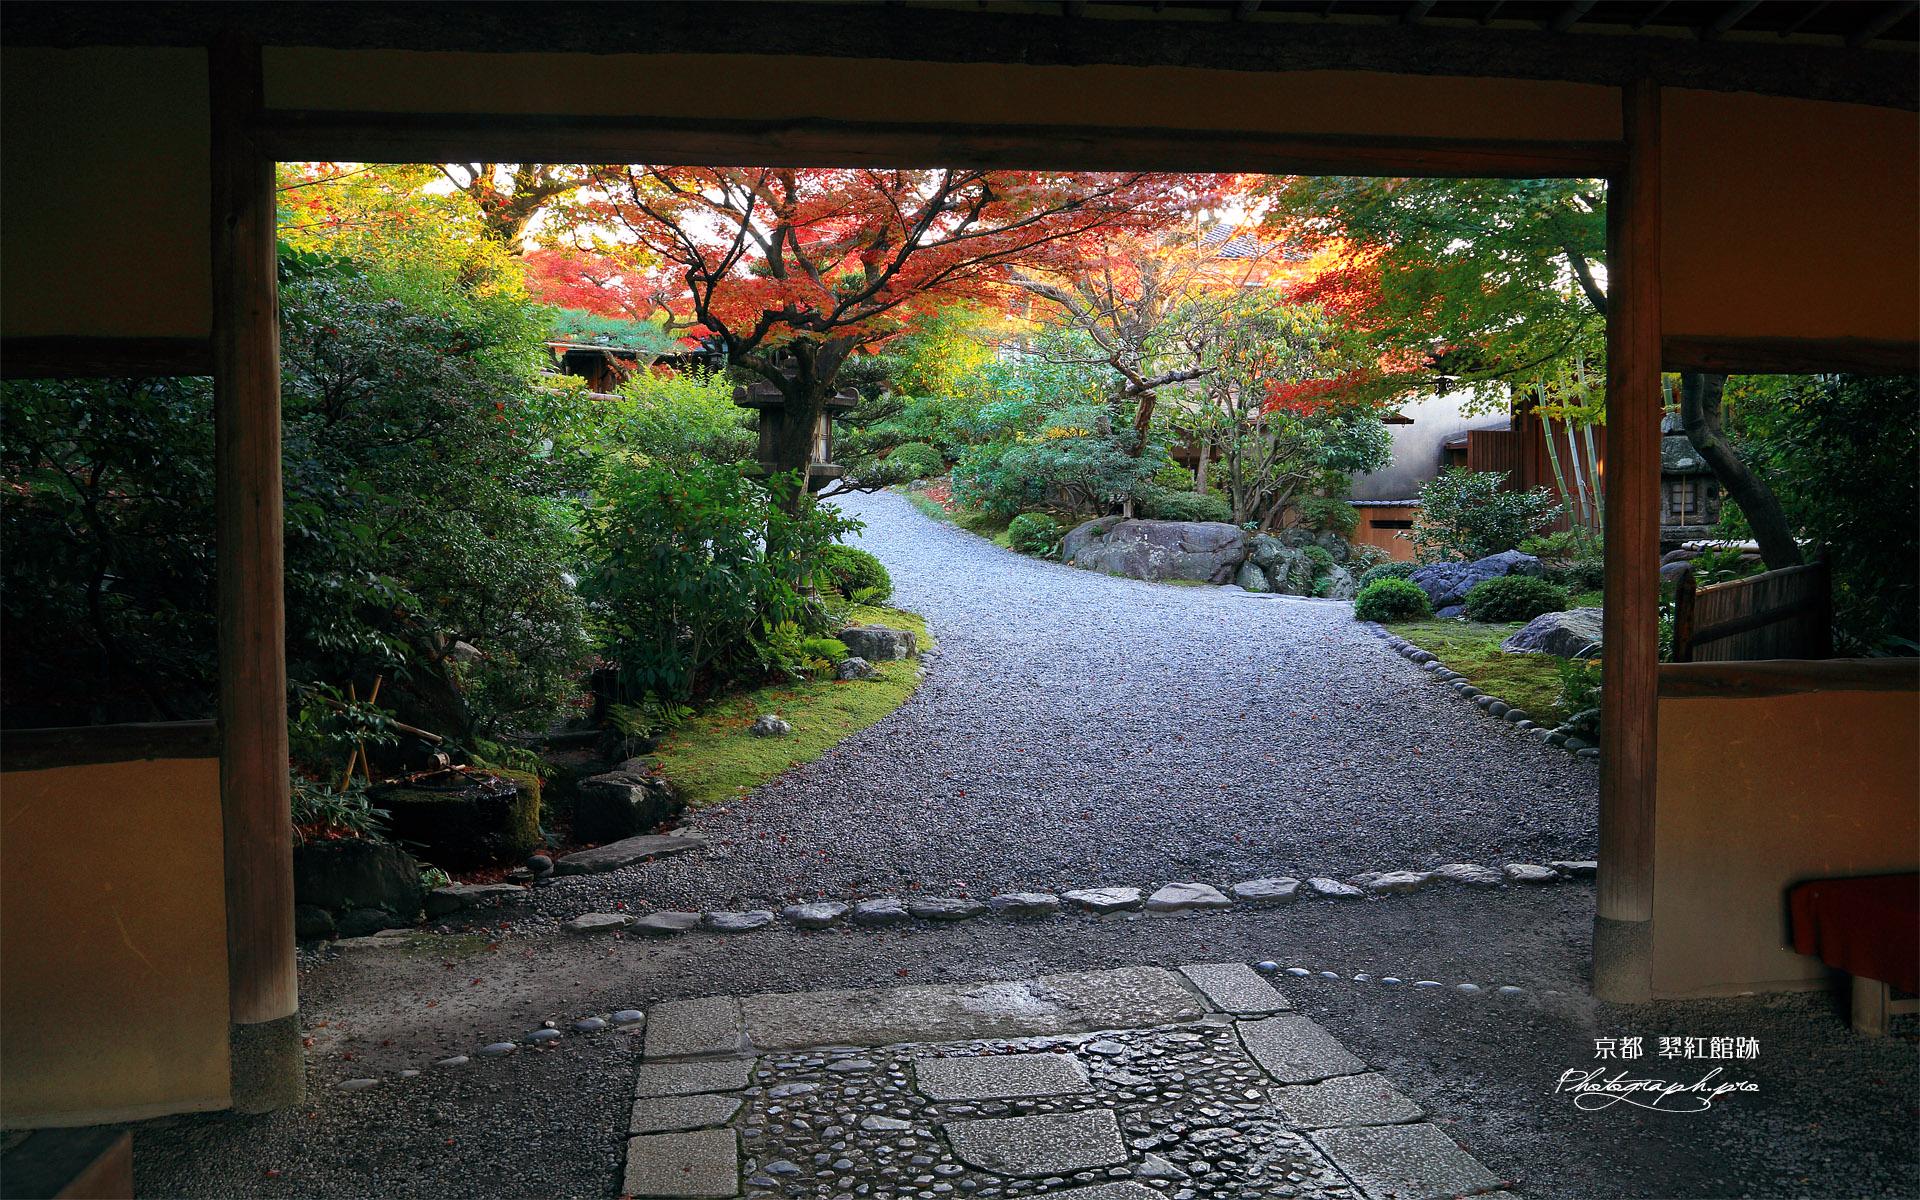 京大和の山門越し紅葉